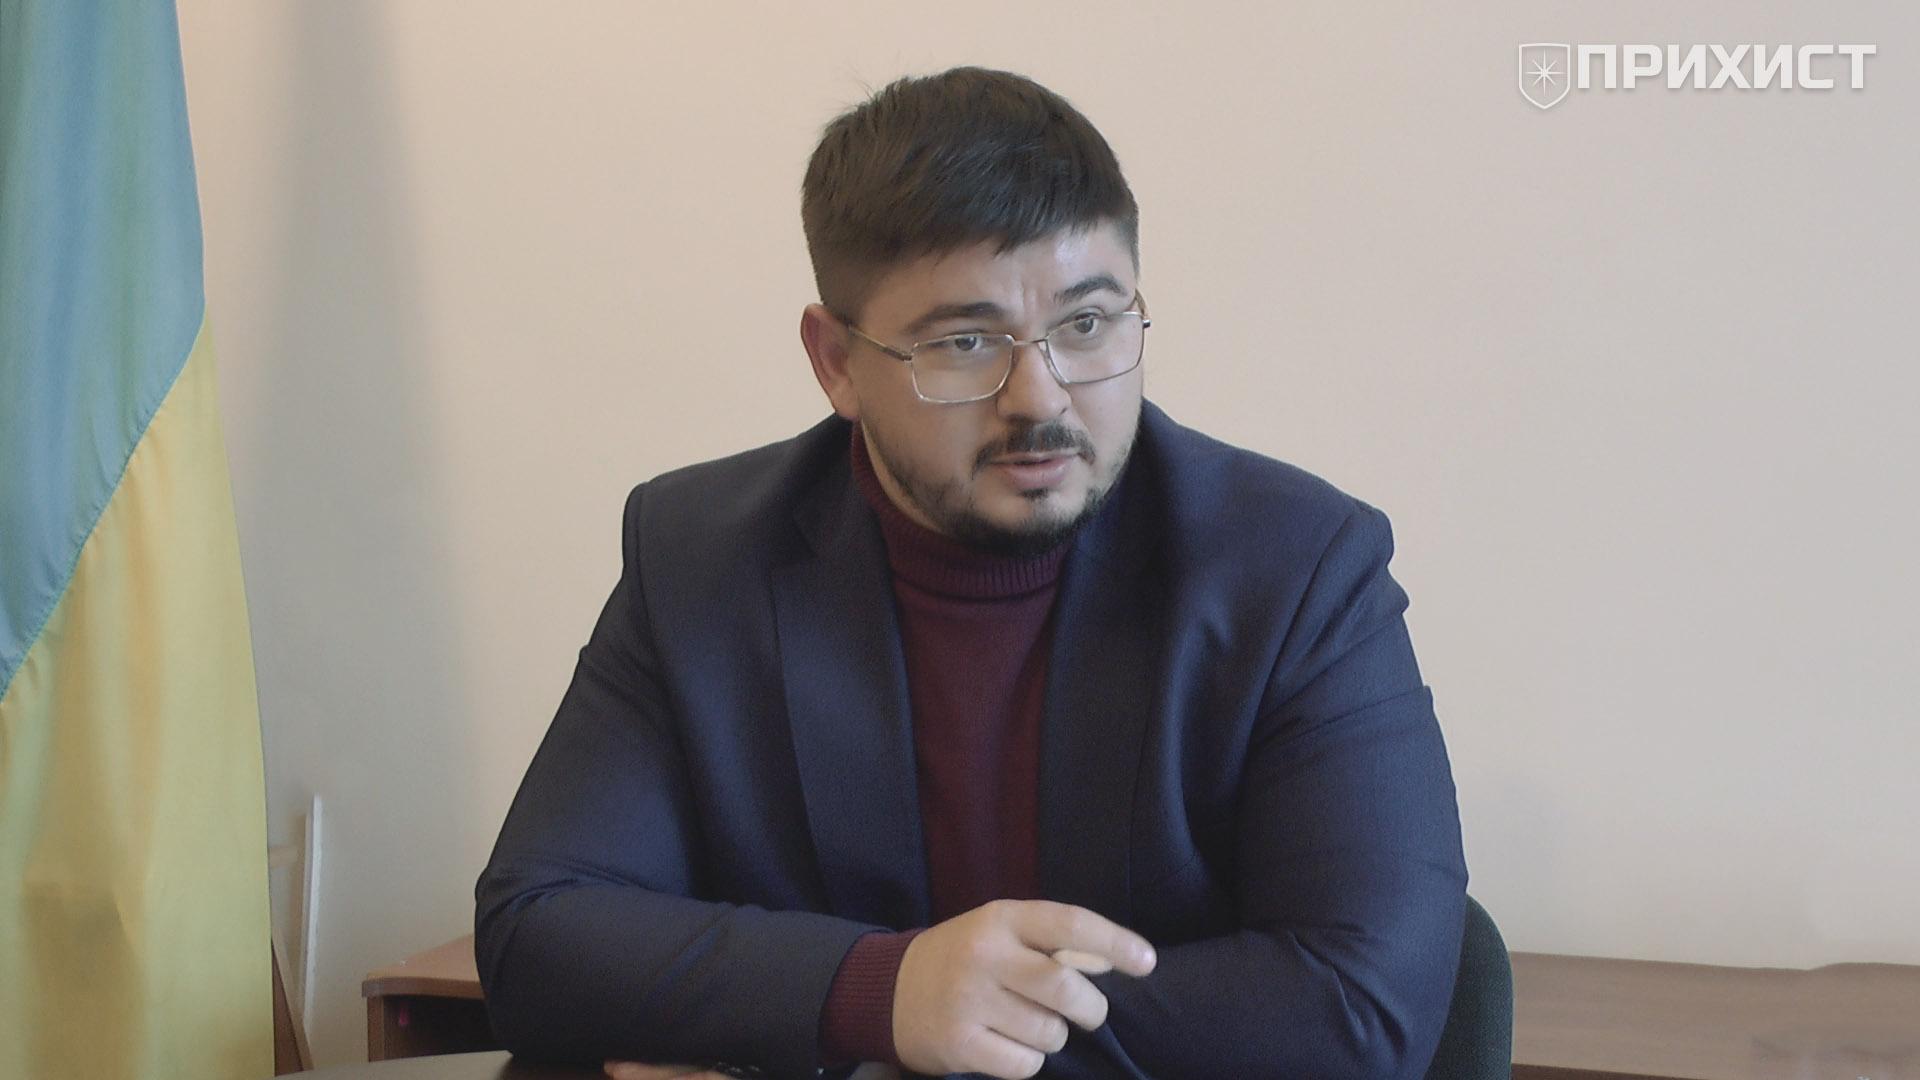 Интервью с заместителем губернатора Днепропетровской области   Прихист